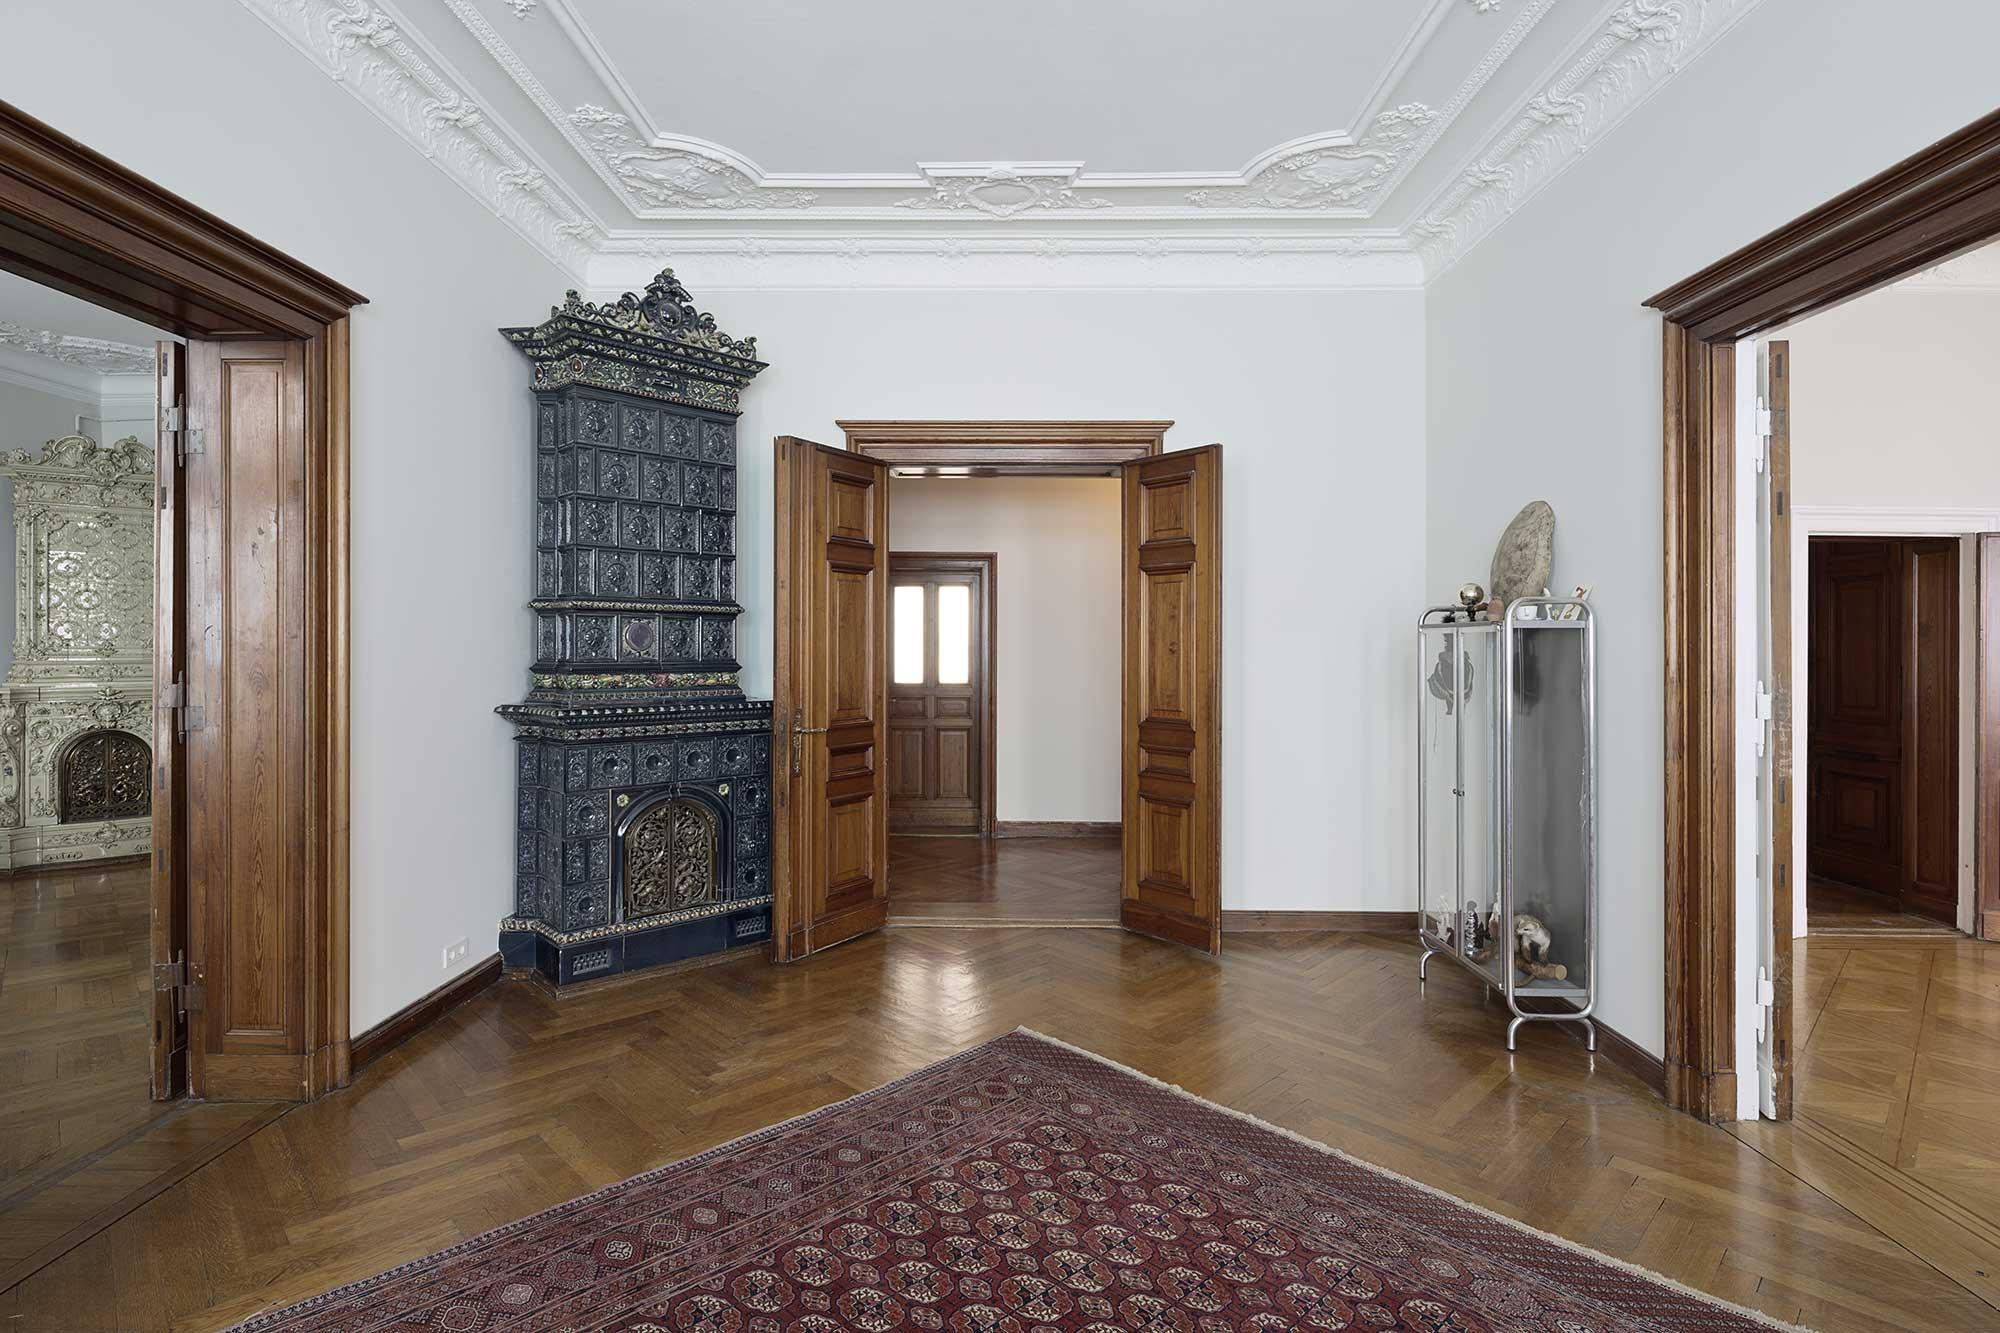 altbauwohnung berlin altbauwohnung mnchen hausdesigns co. Black Bedroom Furniture Sets. Home Design Ideas